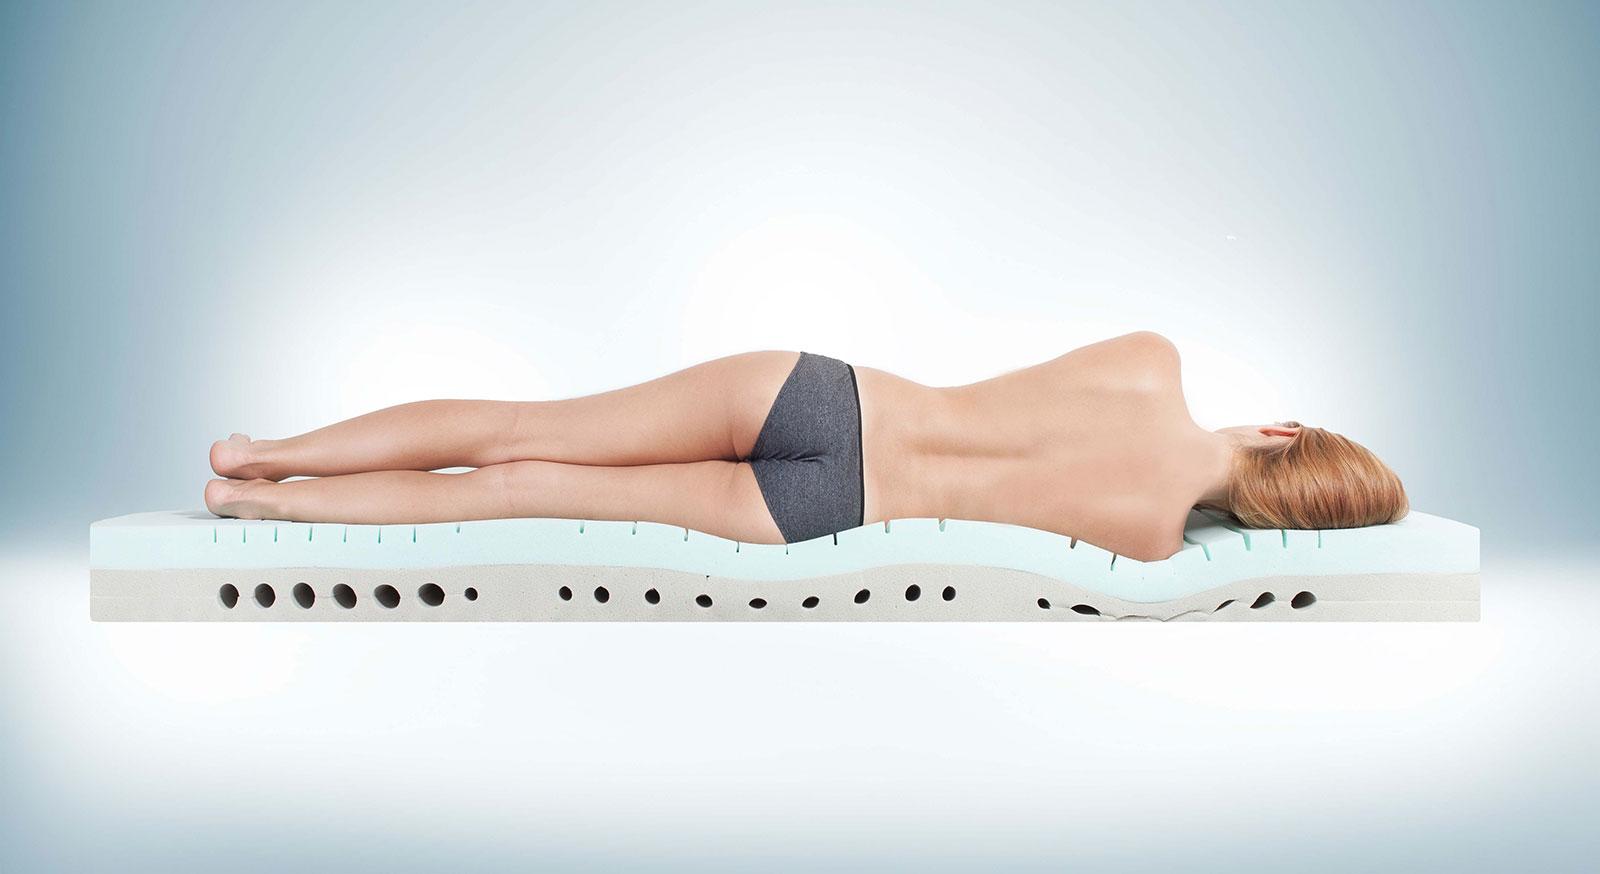 Kaltschaummatratze youSleep 100 mit optimaler Anpassung